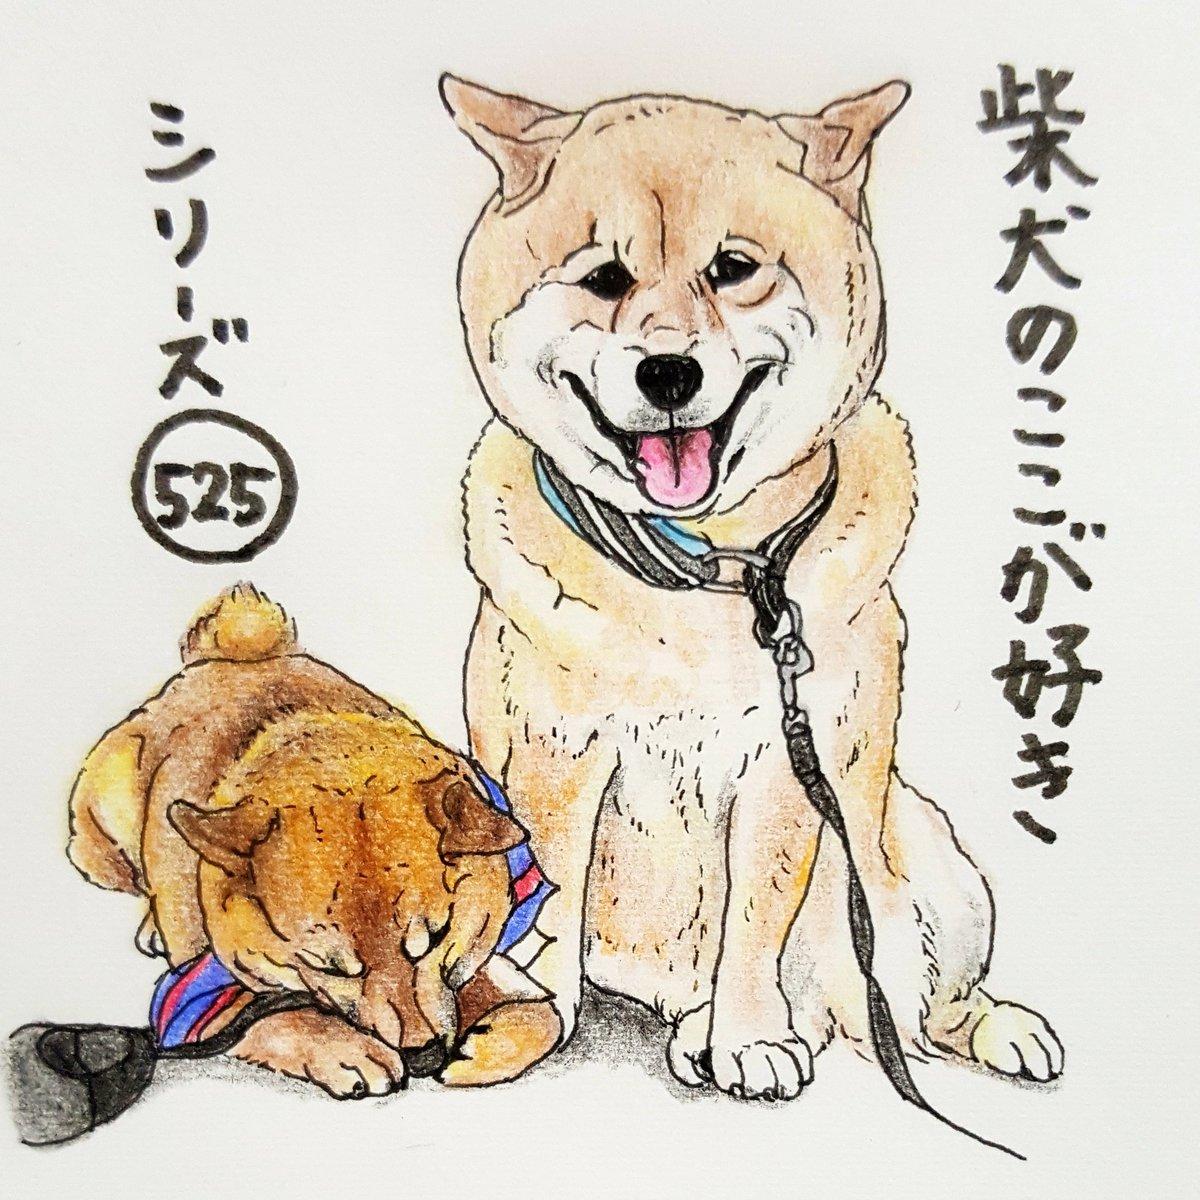 柴犬のここが好きシリーズ!】柴犬の好きな所を描いたイラストが、柴犬